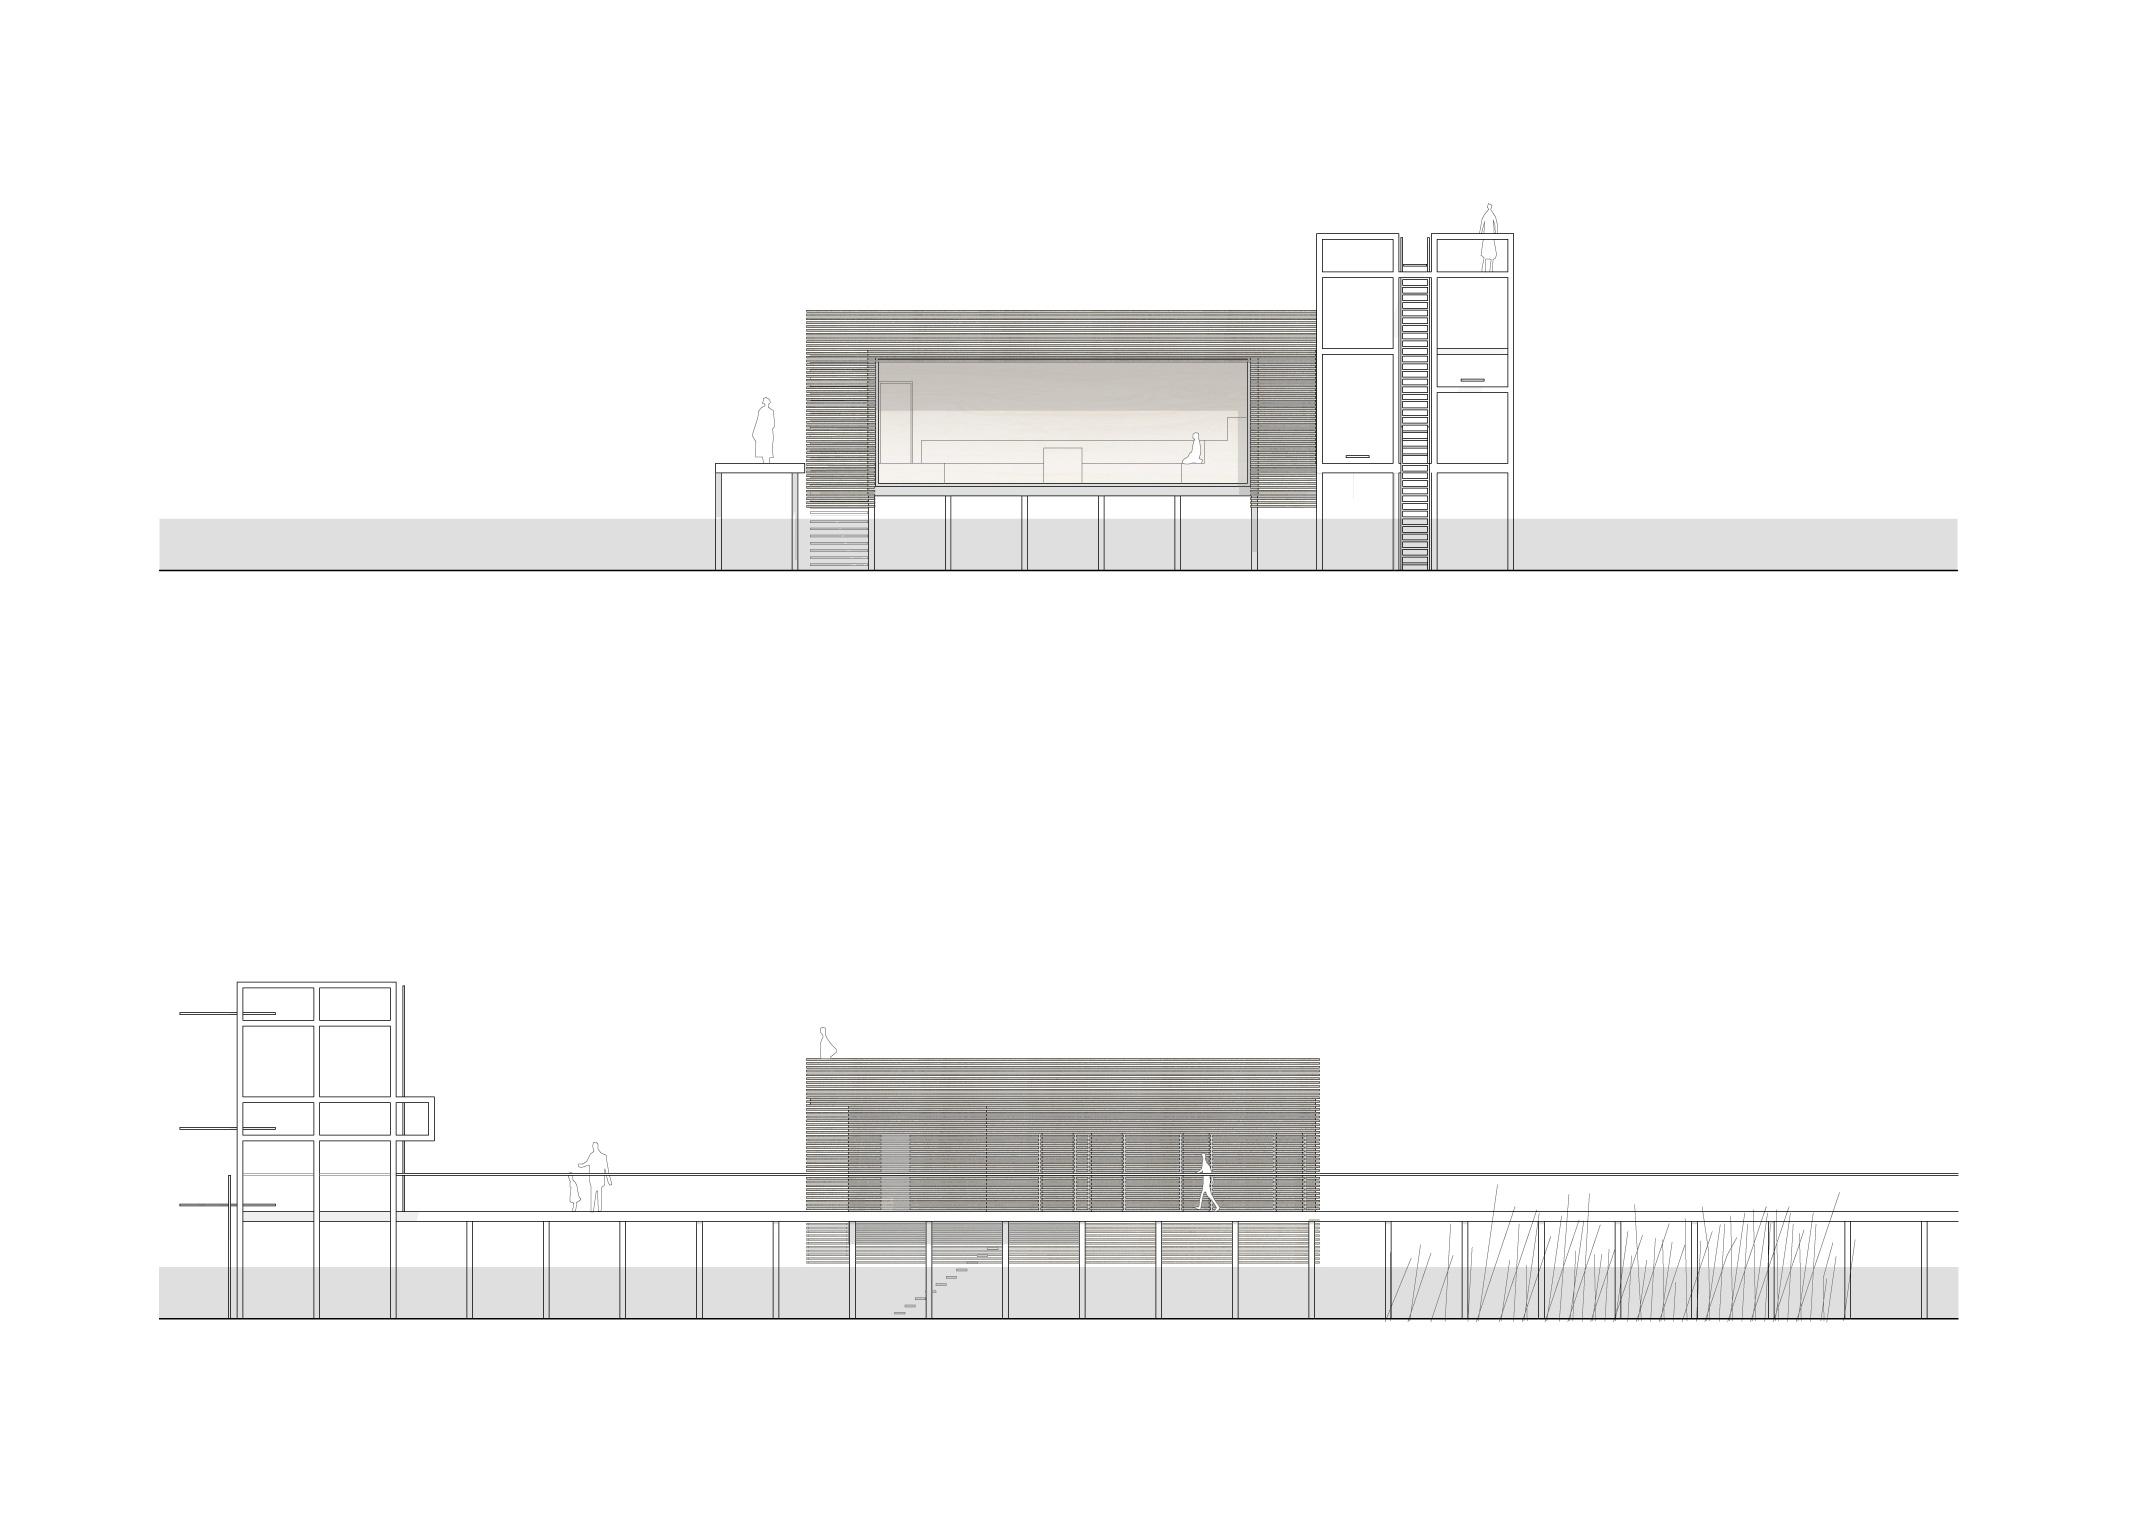 KUBIK Architektur - Studio für Architektur Berlin - architecture - Projekt - Seesauna - Ansicht